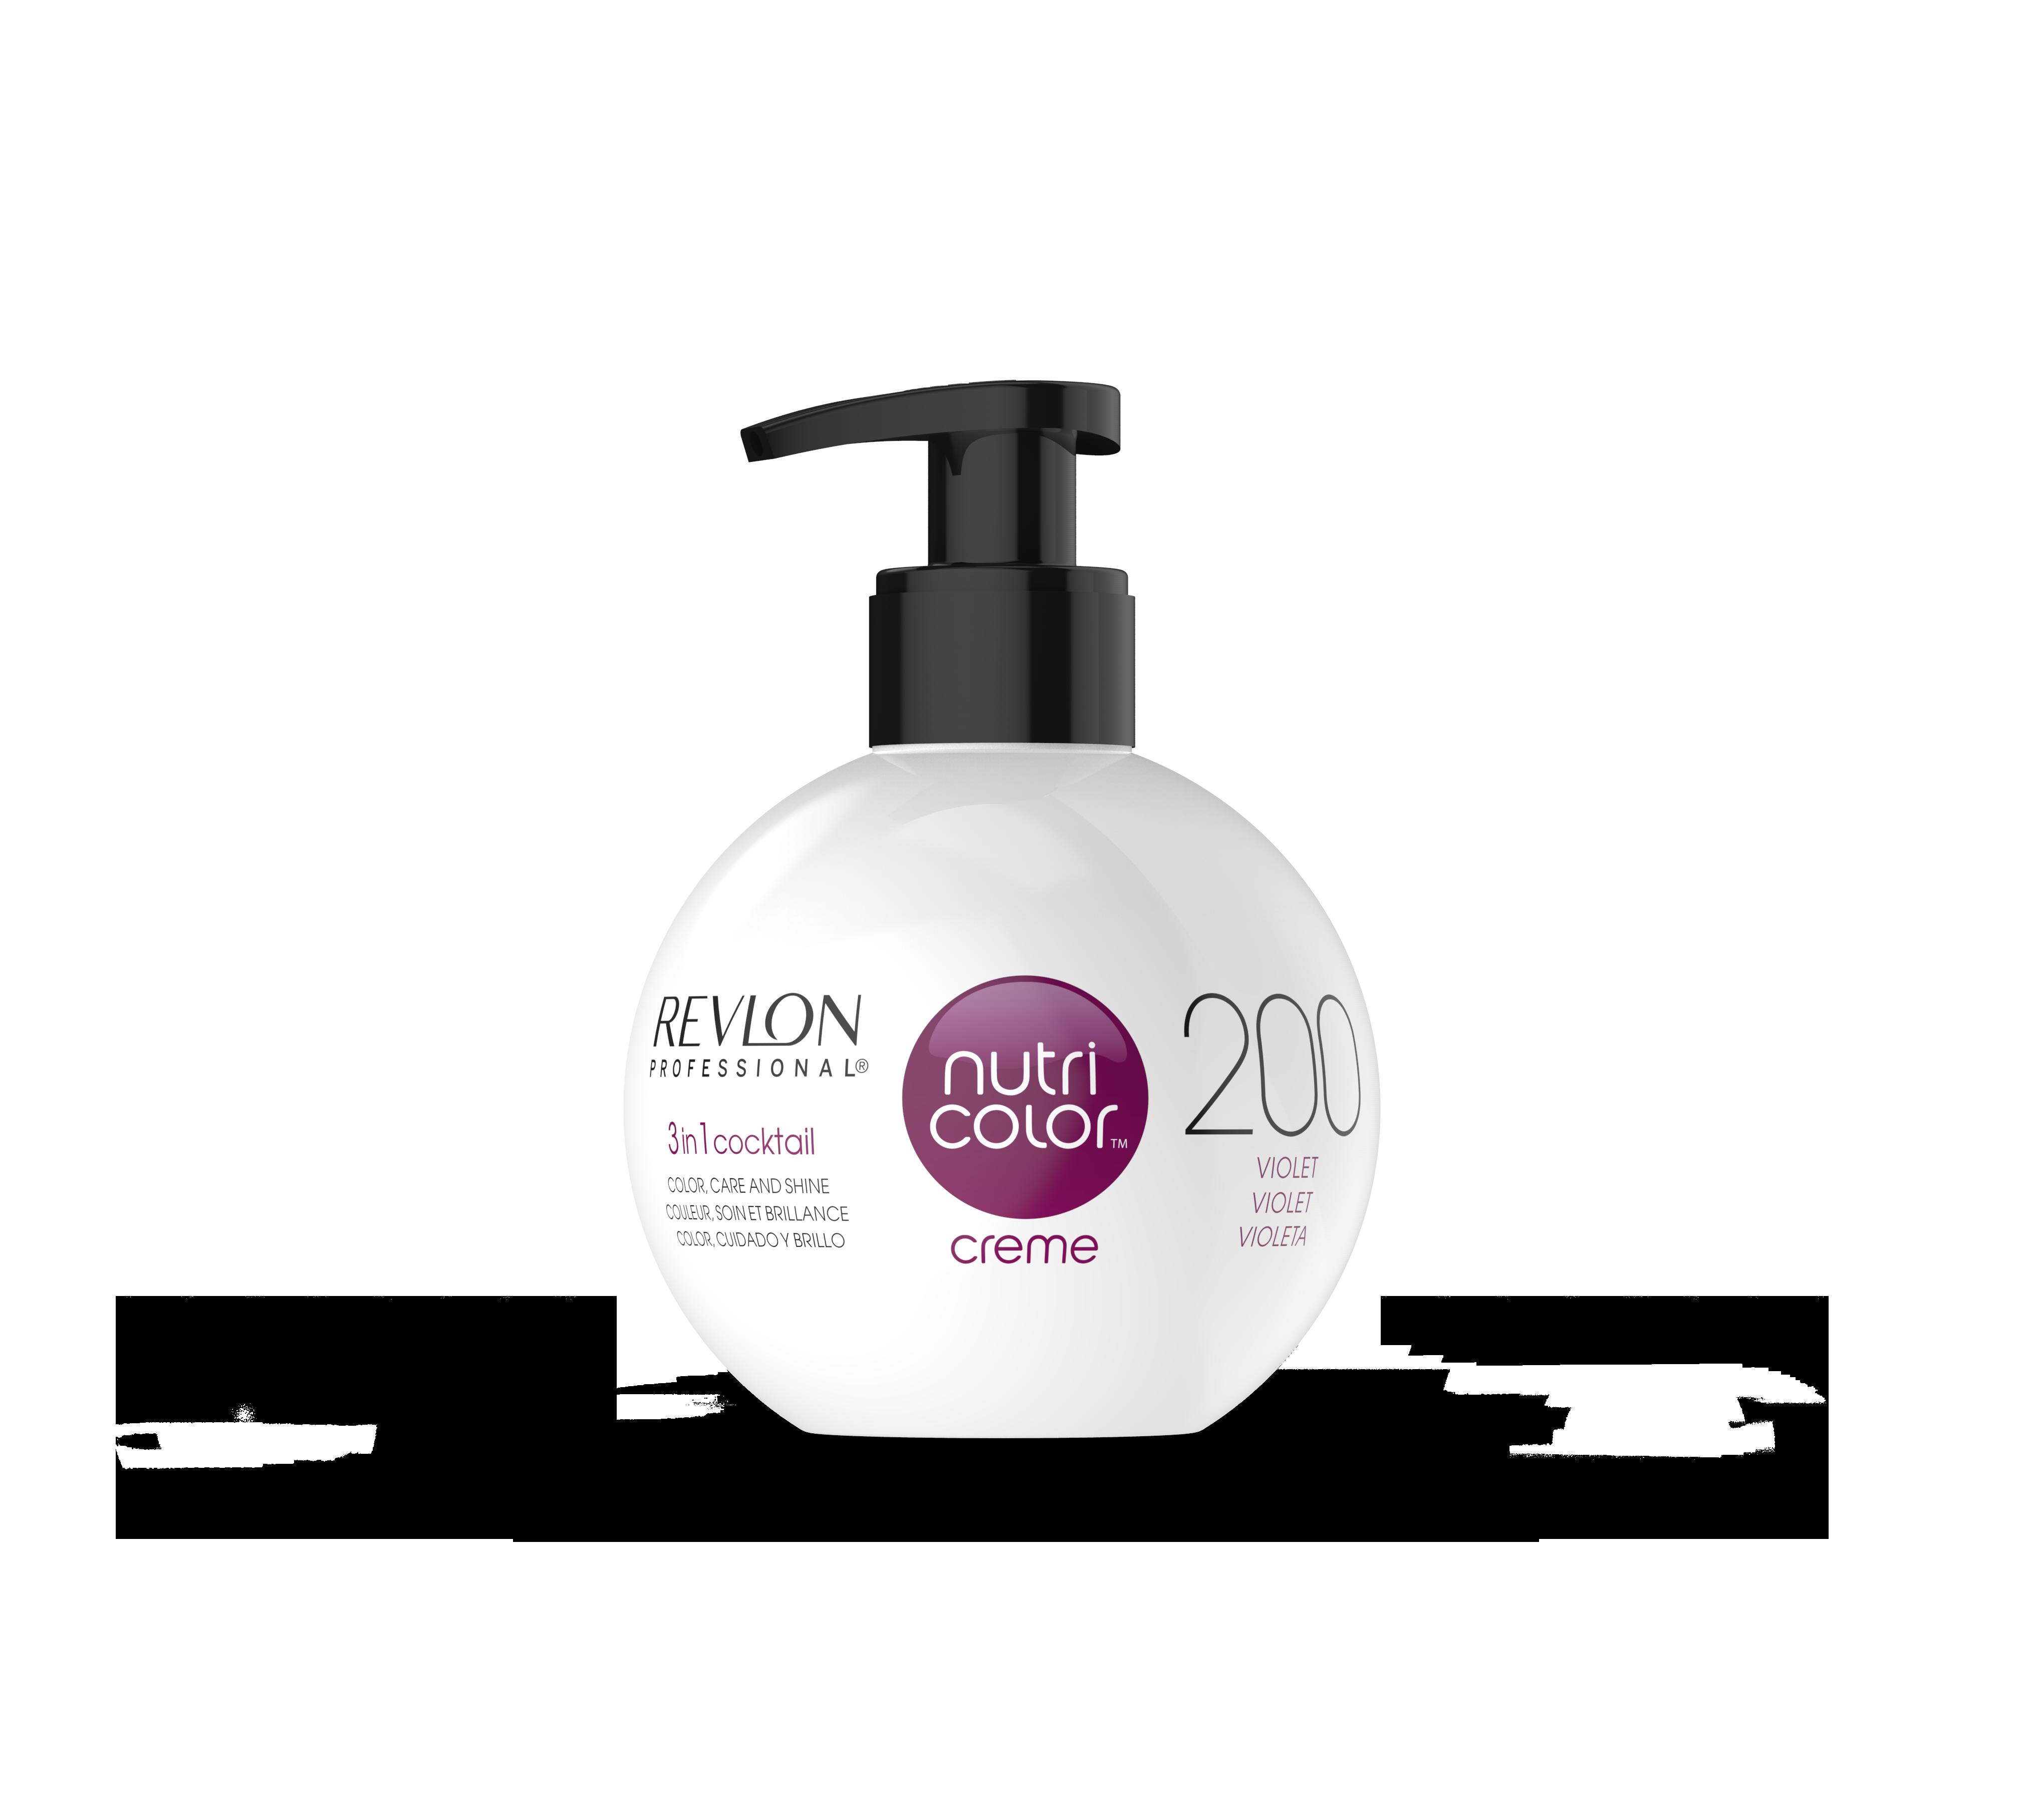 Купить REVLON Professional 200 краска 3 в 1 для волос, фиолетовый / NUTRI COLOR CREME 250 мл, Красный и фиолетовый